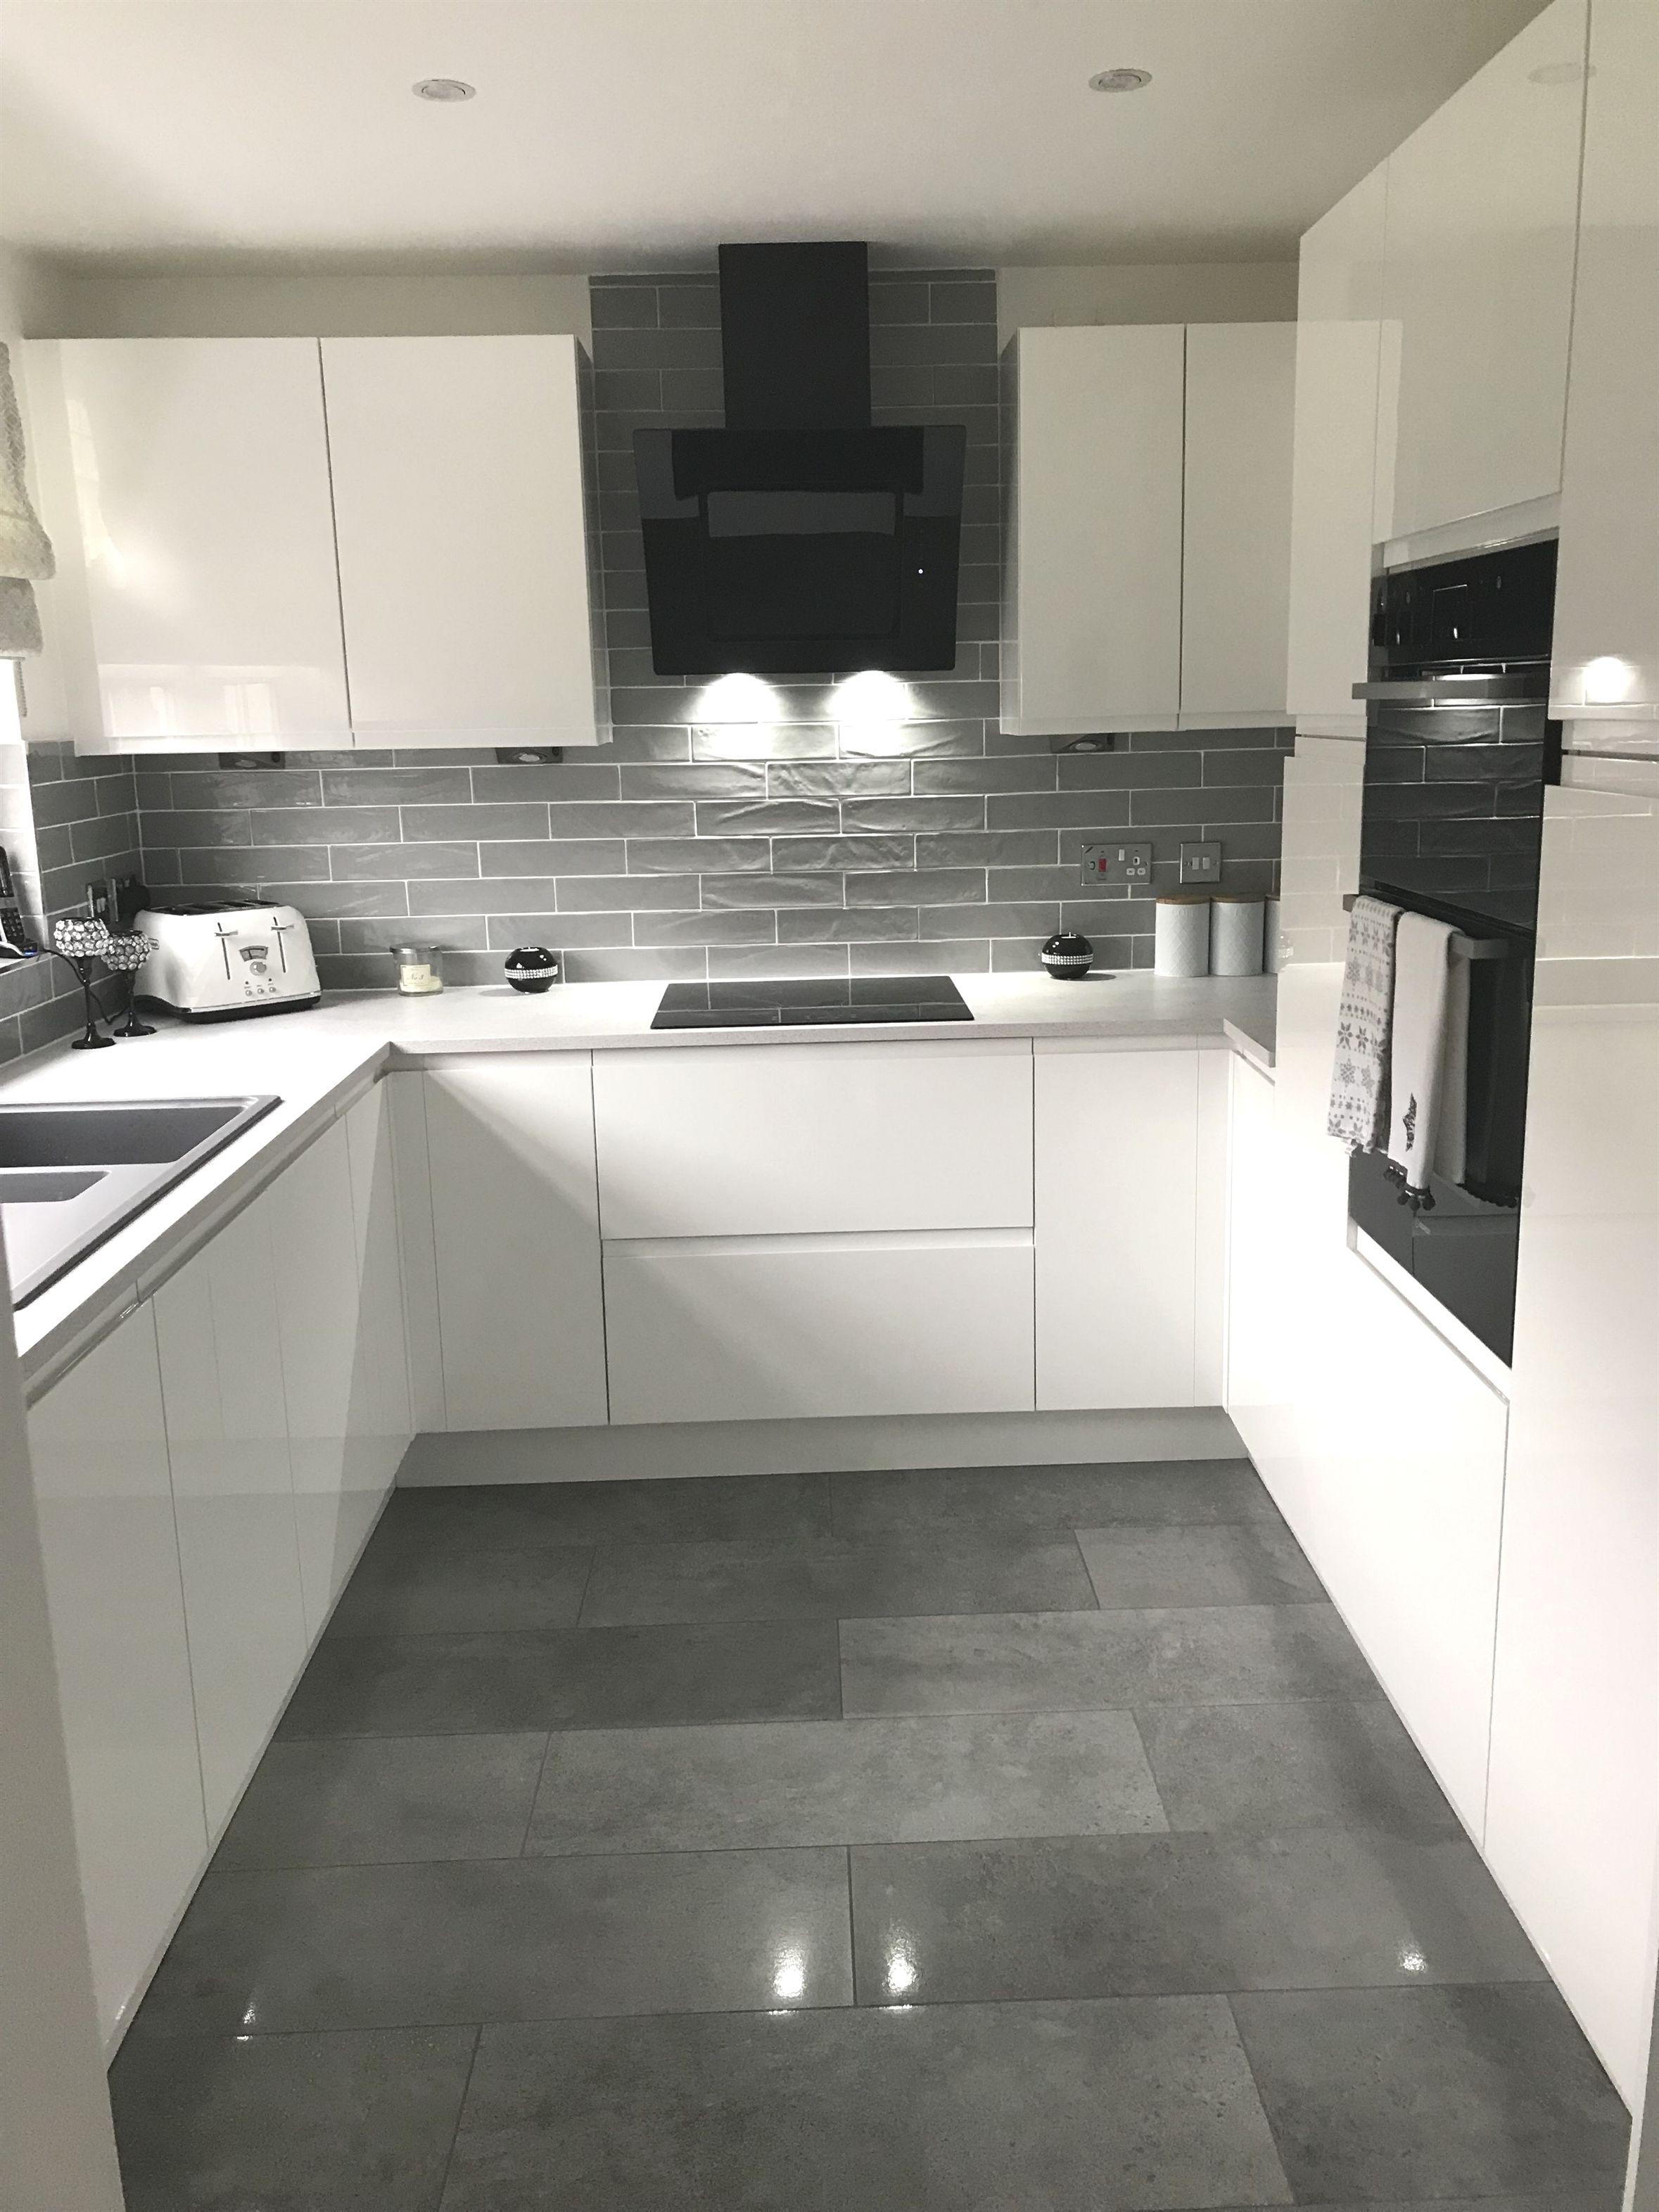 Modern Style Kitchen With Fantastic Storage Capacity Contemporarykitchens Kitchen Design Modern Kitchen Kitchen Interior